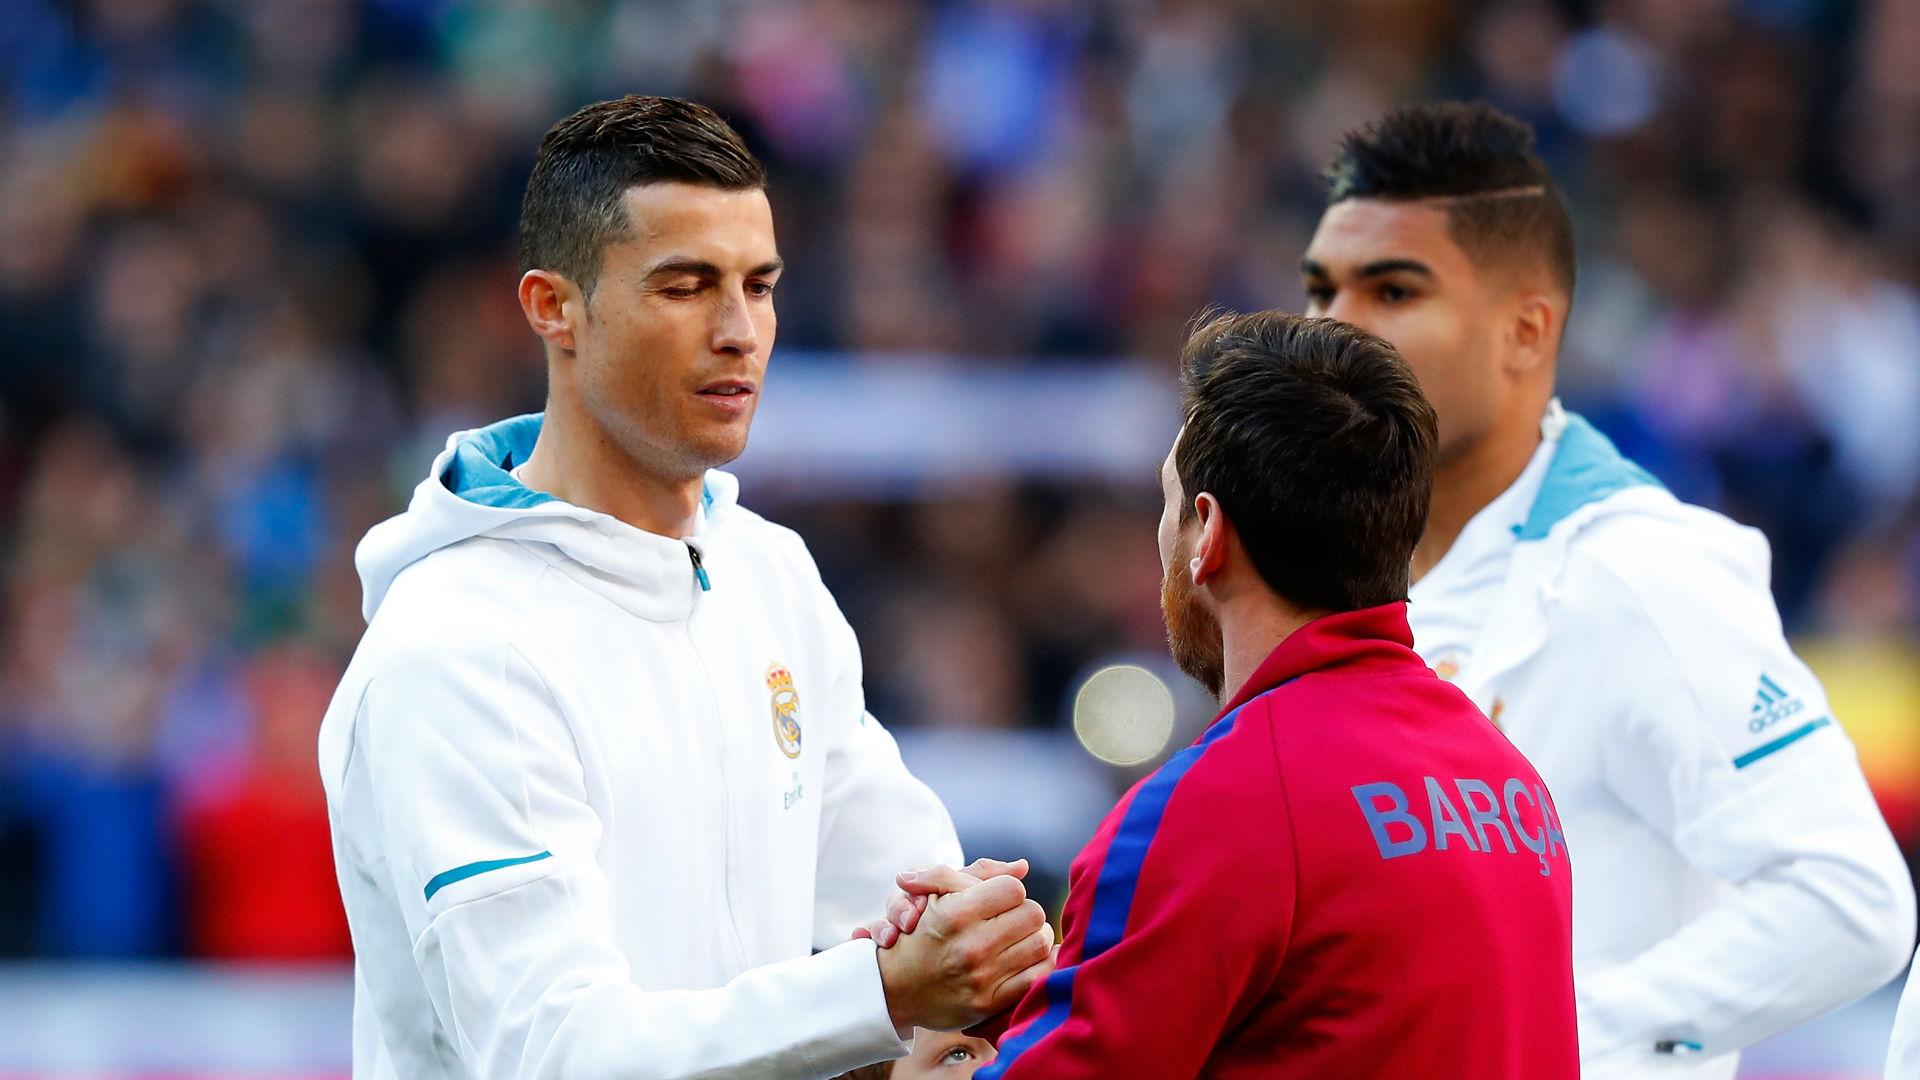 Ronaldo Drive Puts Him Above Messi Says Roberto Carlos